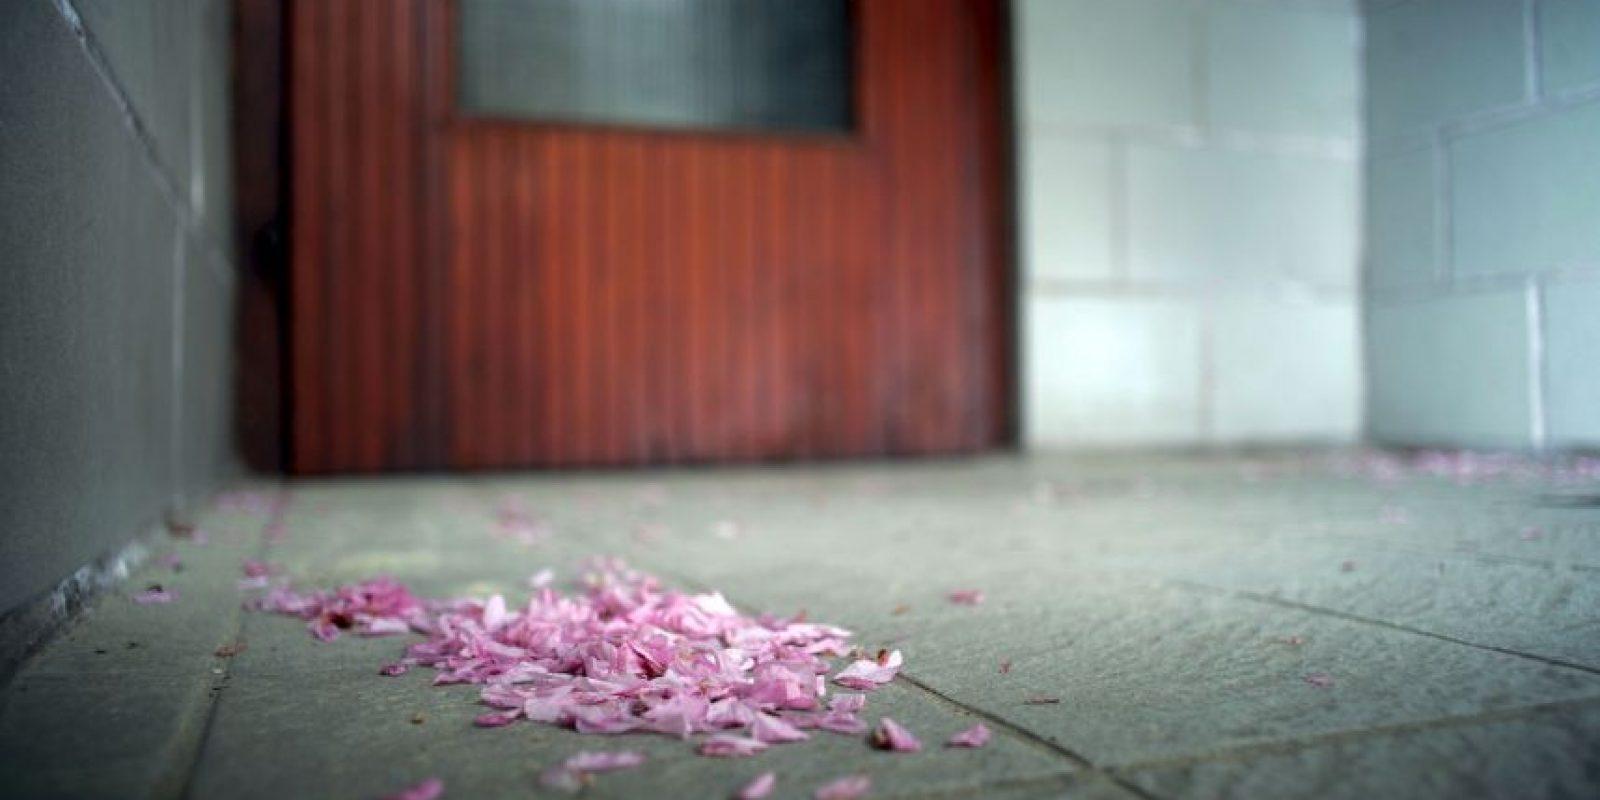 Una de cada 5 mujeres y 1 de cada 13 hombres declaran haber sufrido abusos sexuales en la infancia. Foto:Getty Images